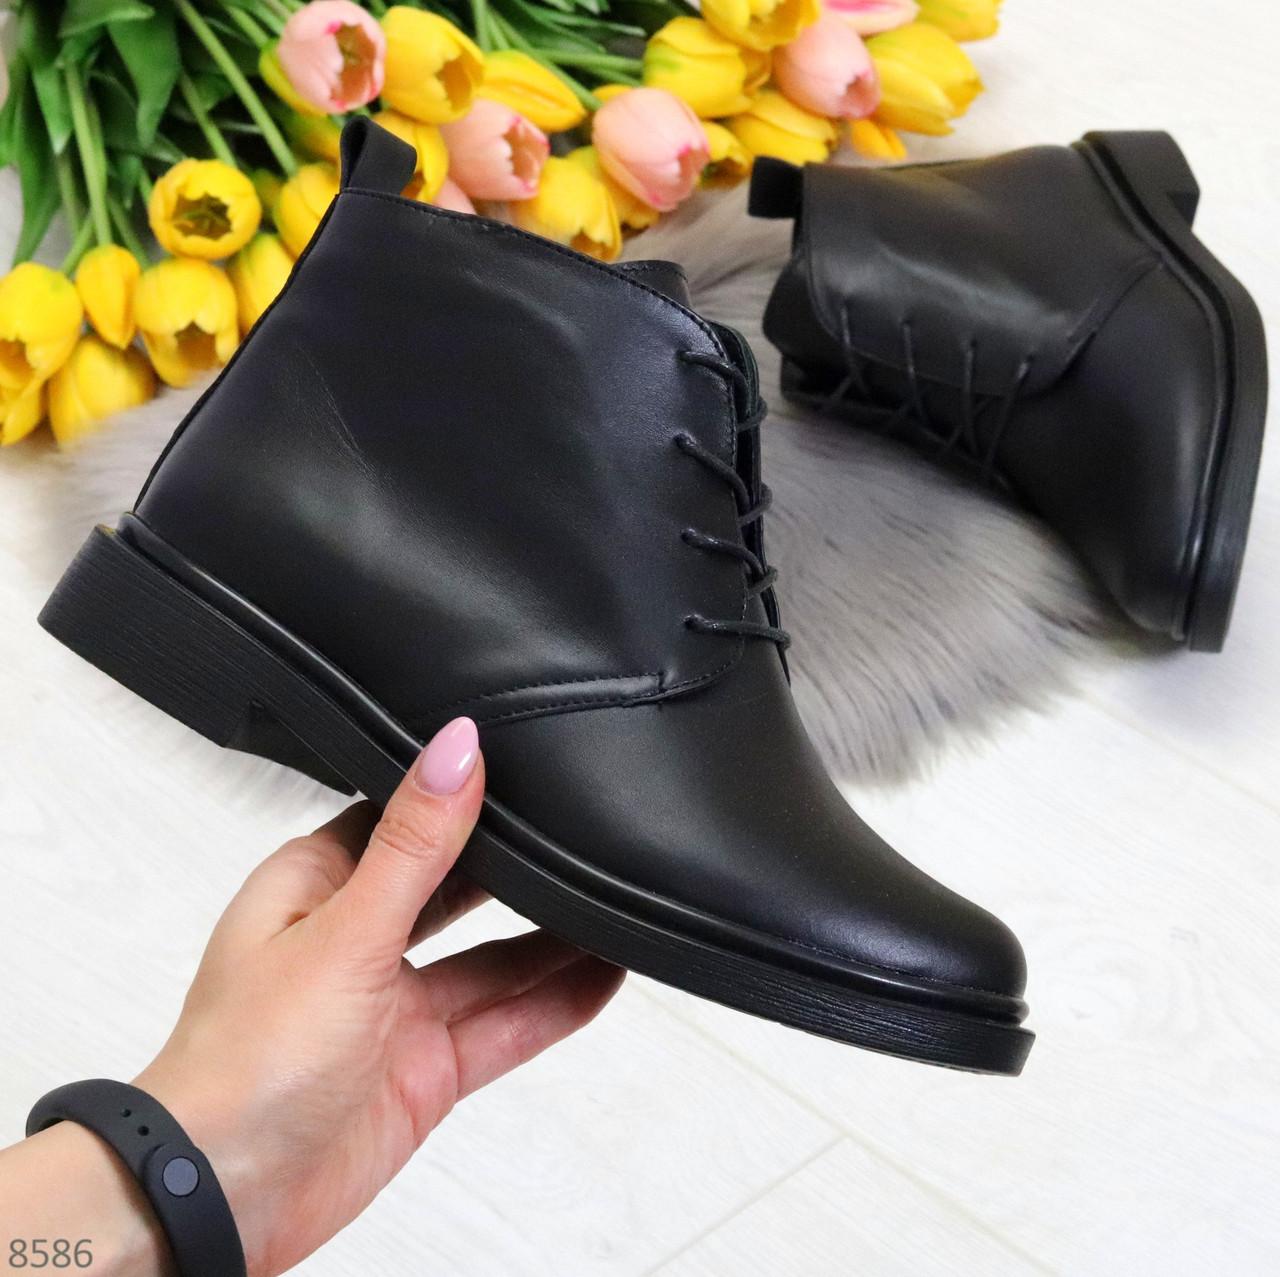 Удобные модельные черные женские ботинки натуральная кожа на флисе